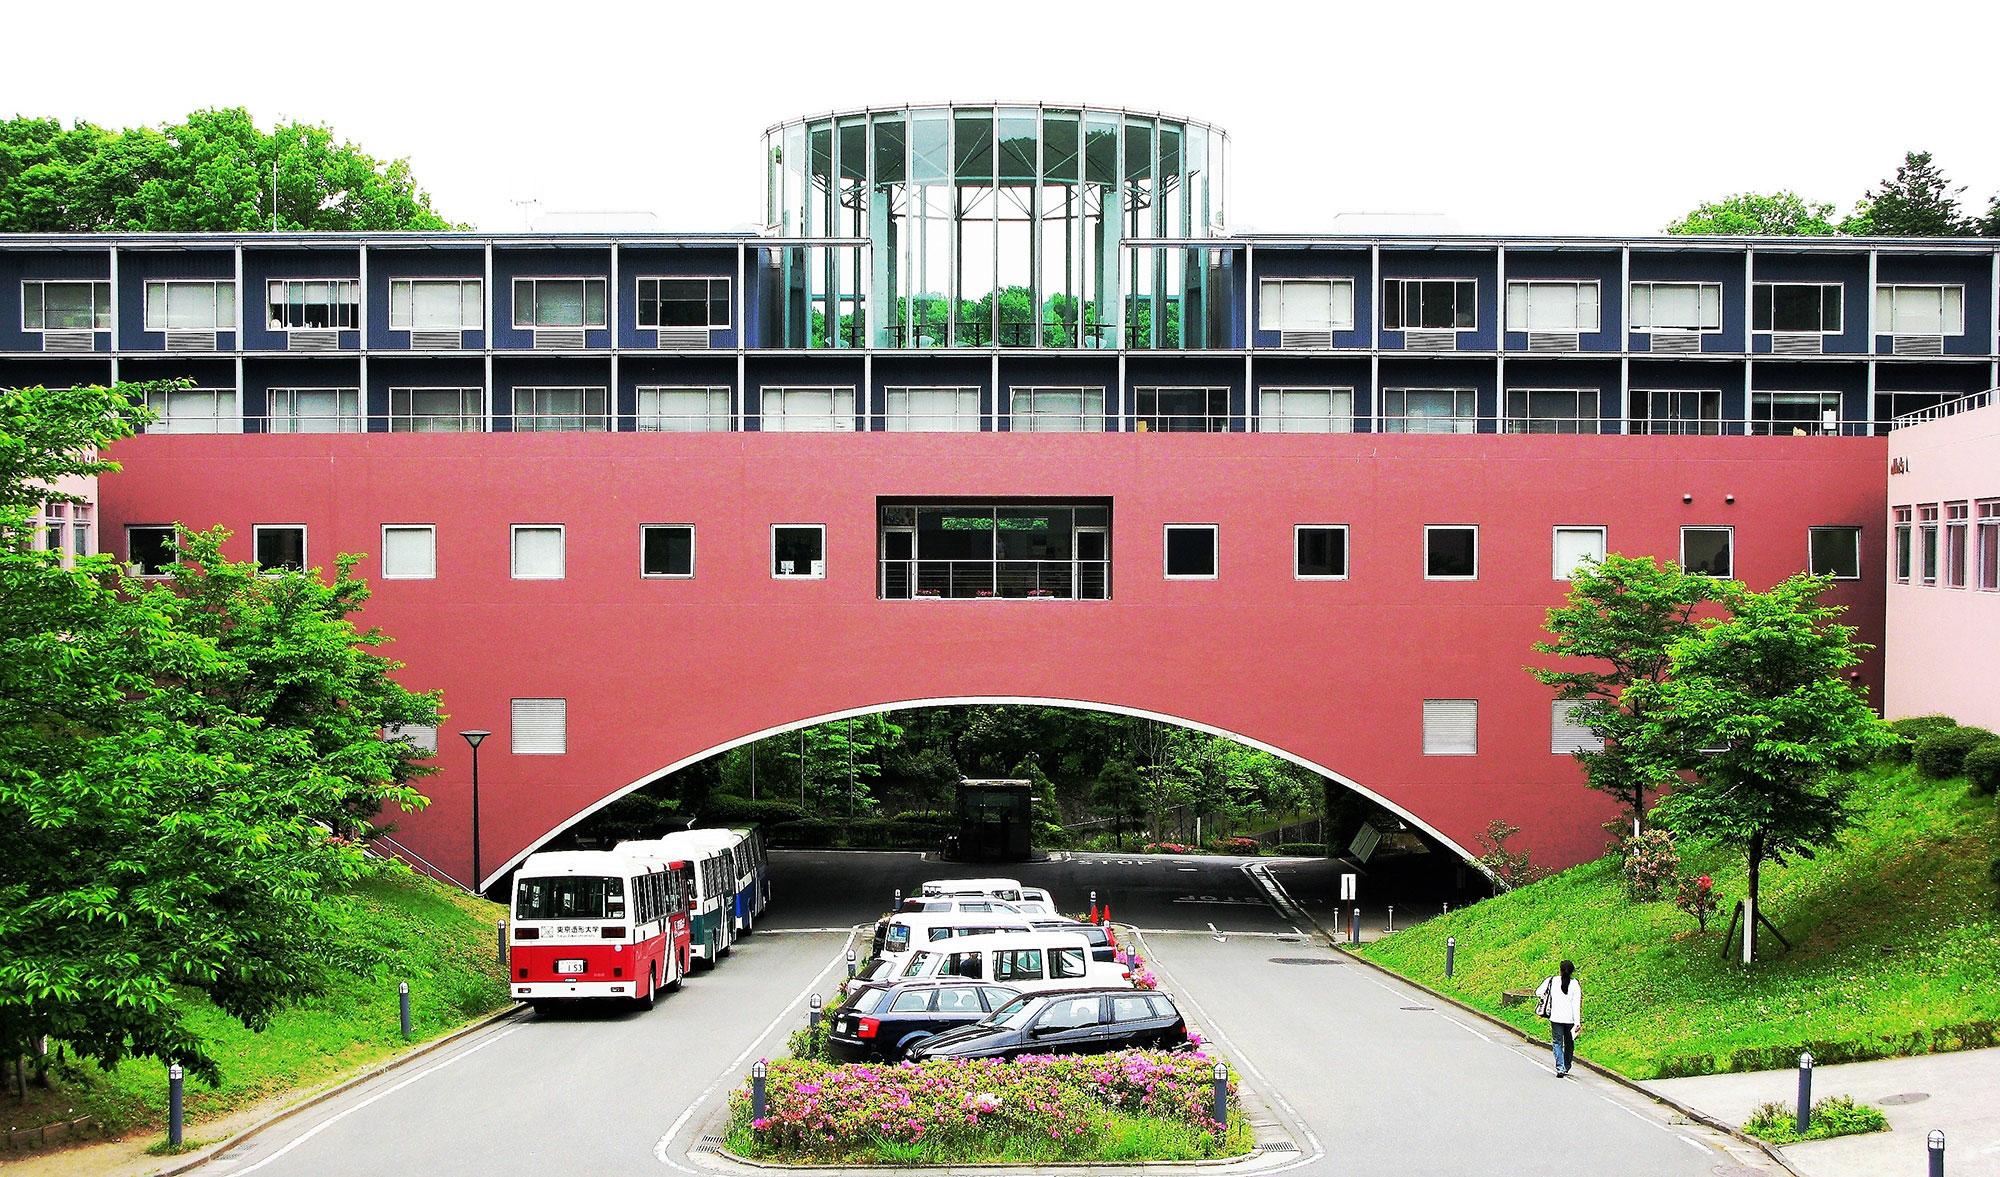 Η παγκόσμια αρχιτεκτονική του Arata Isozaki